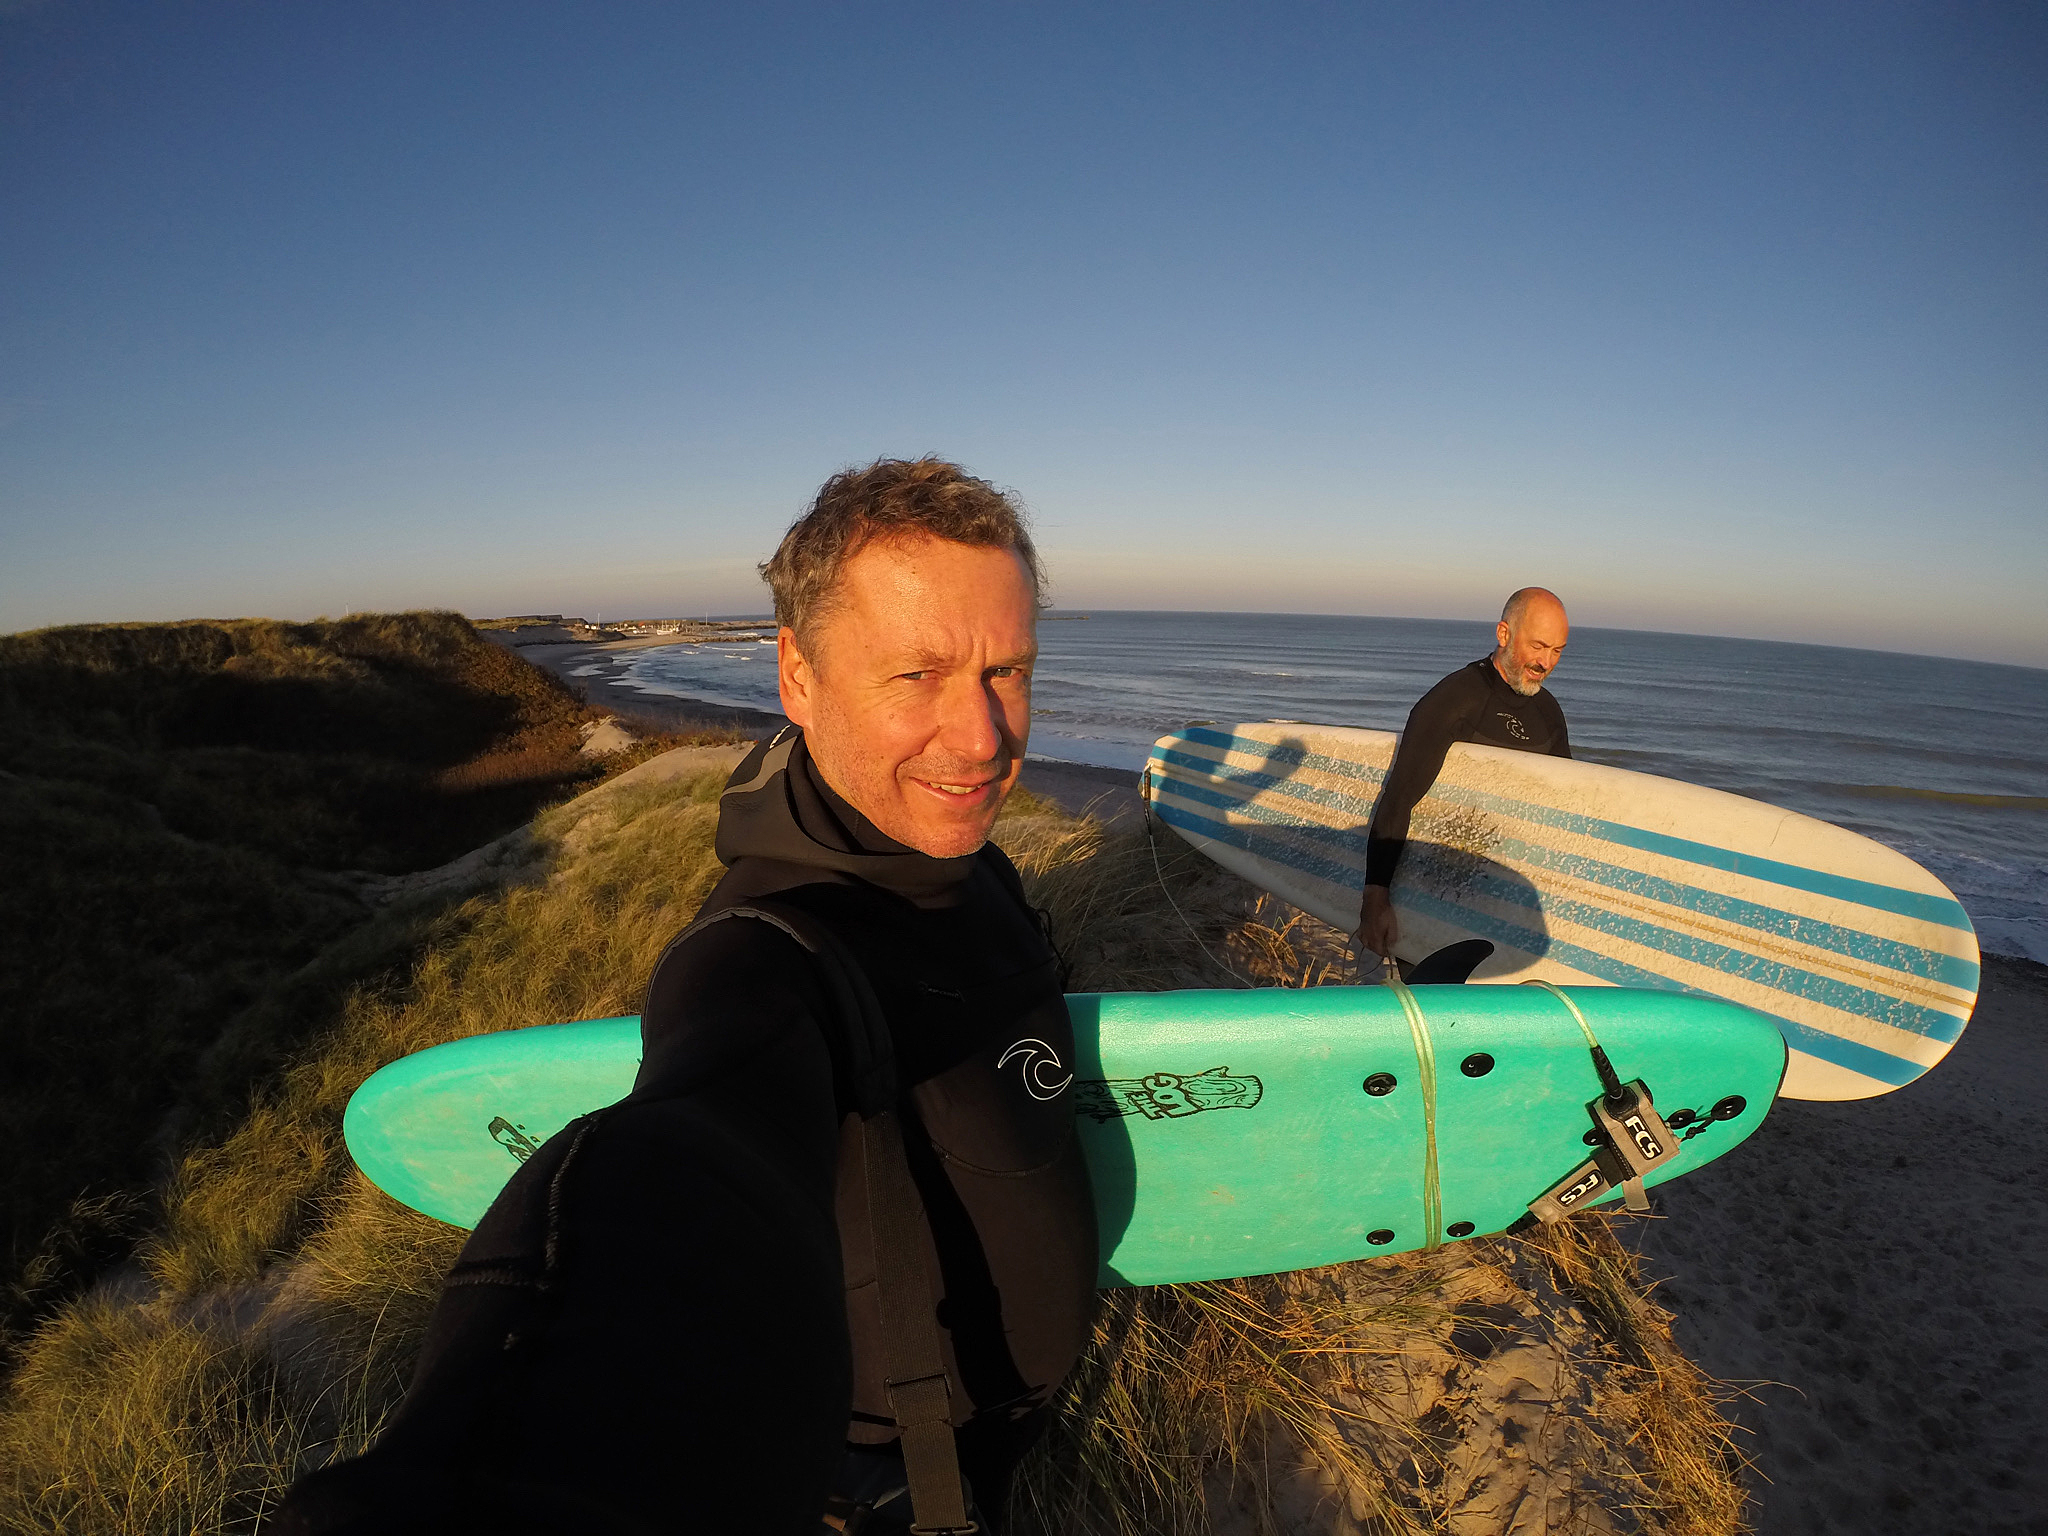 Två taggade surfare på väg in i vattnet.